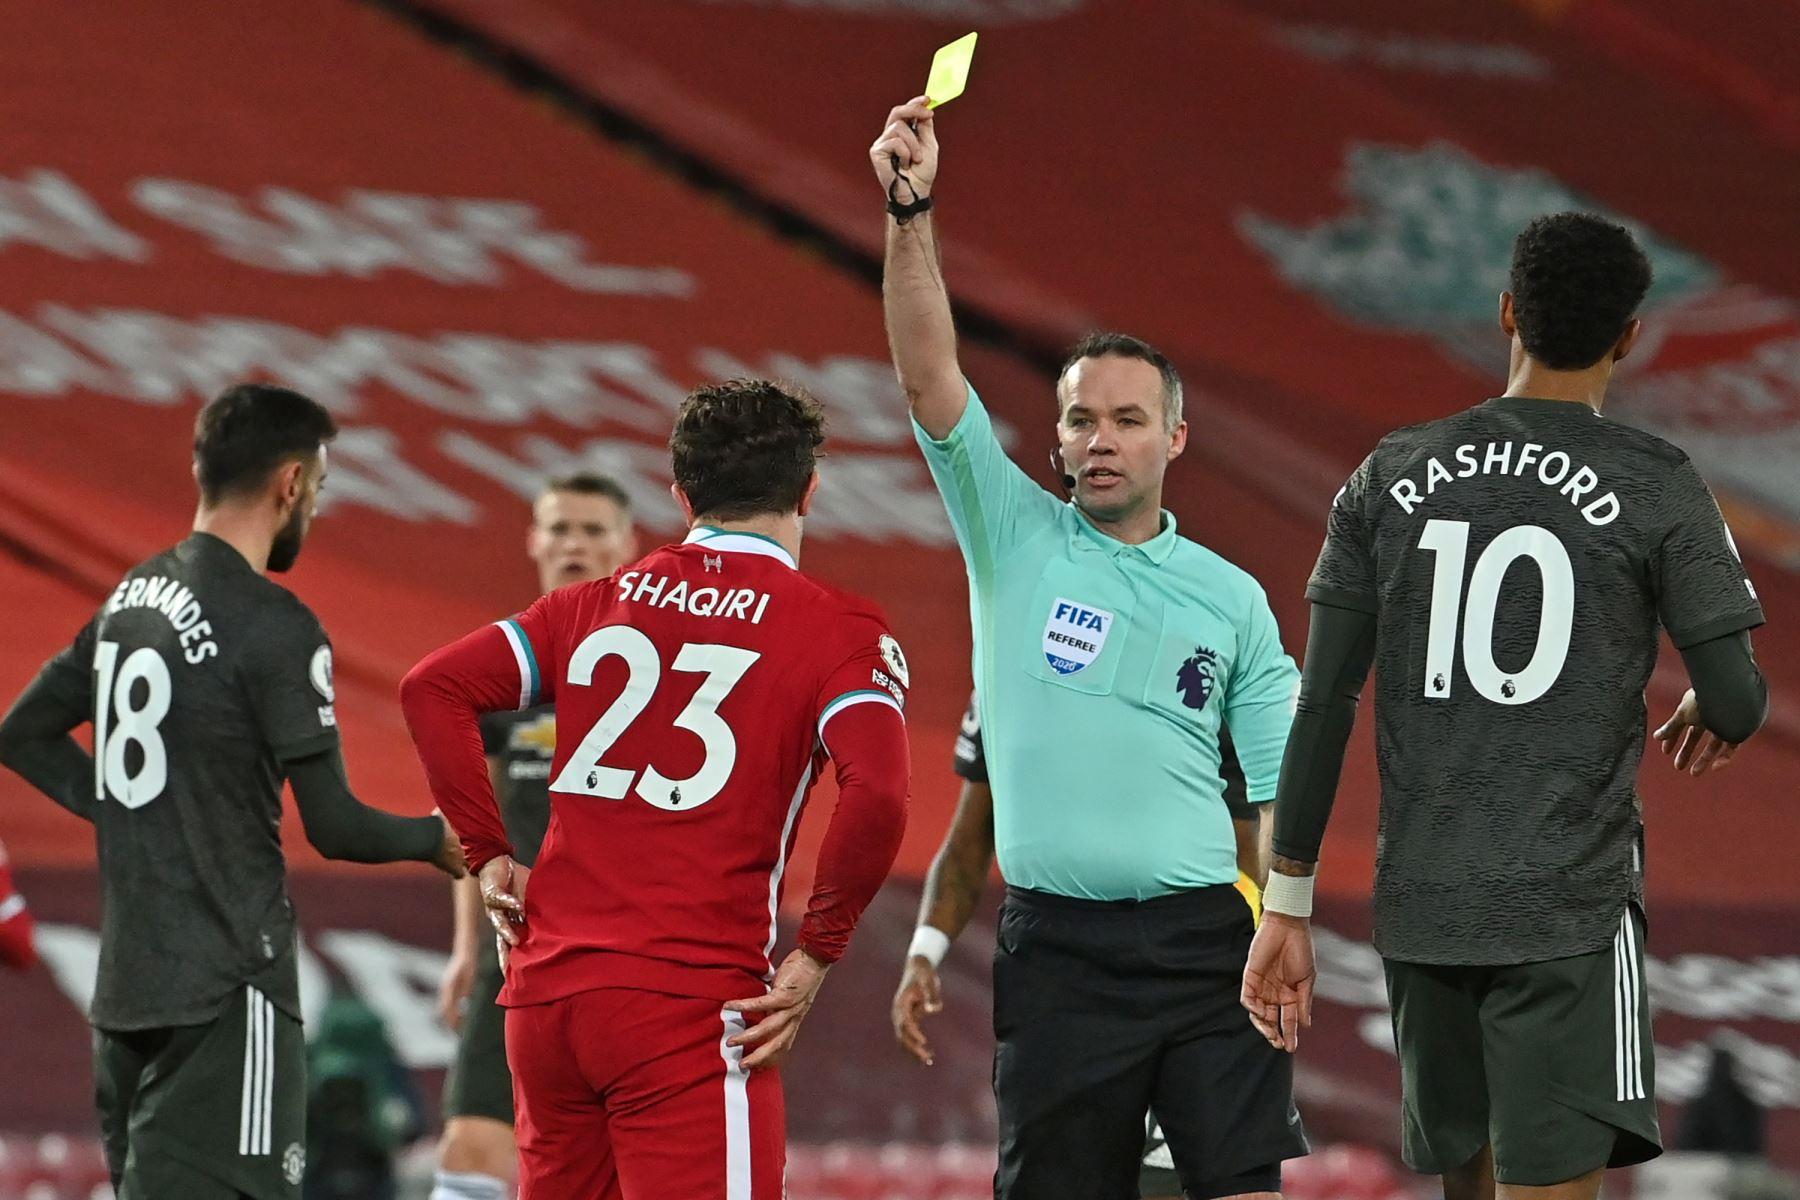 El árbitro inglés Paul Tierney muestra una tarjeta amarilla al centrocampista suizo del Liverpool Xherdan Shaqiri durante el partido de fútbol de la Premier League inglesa entre Liverpool y Manchester United en Anfield en Liverpool. Foto: AFP